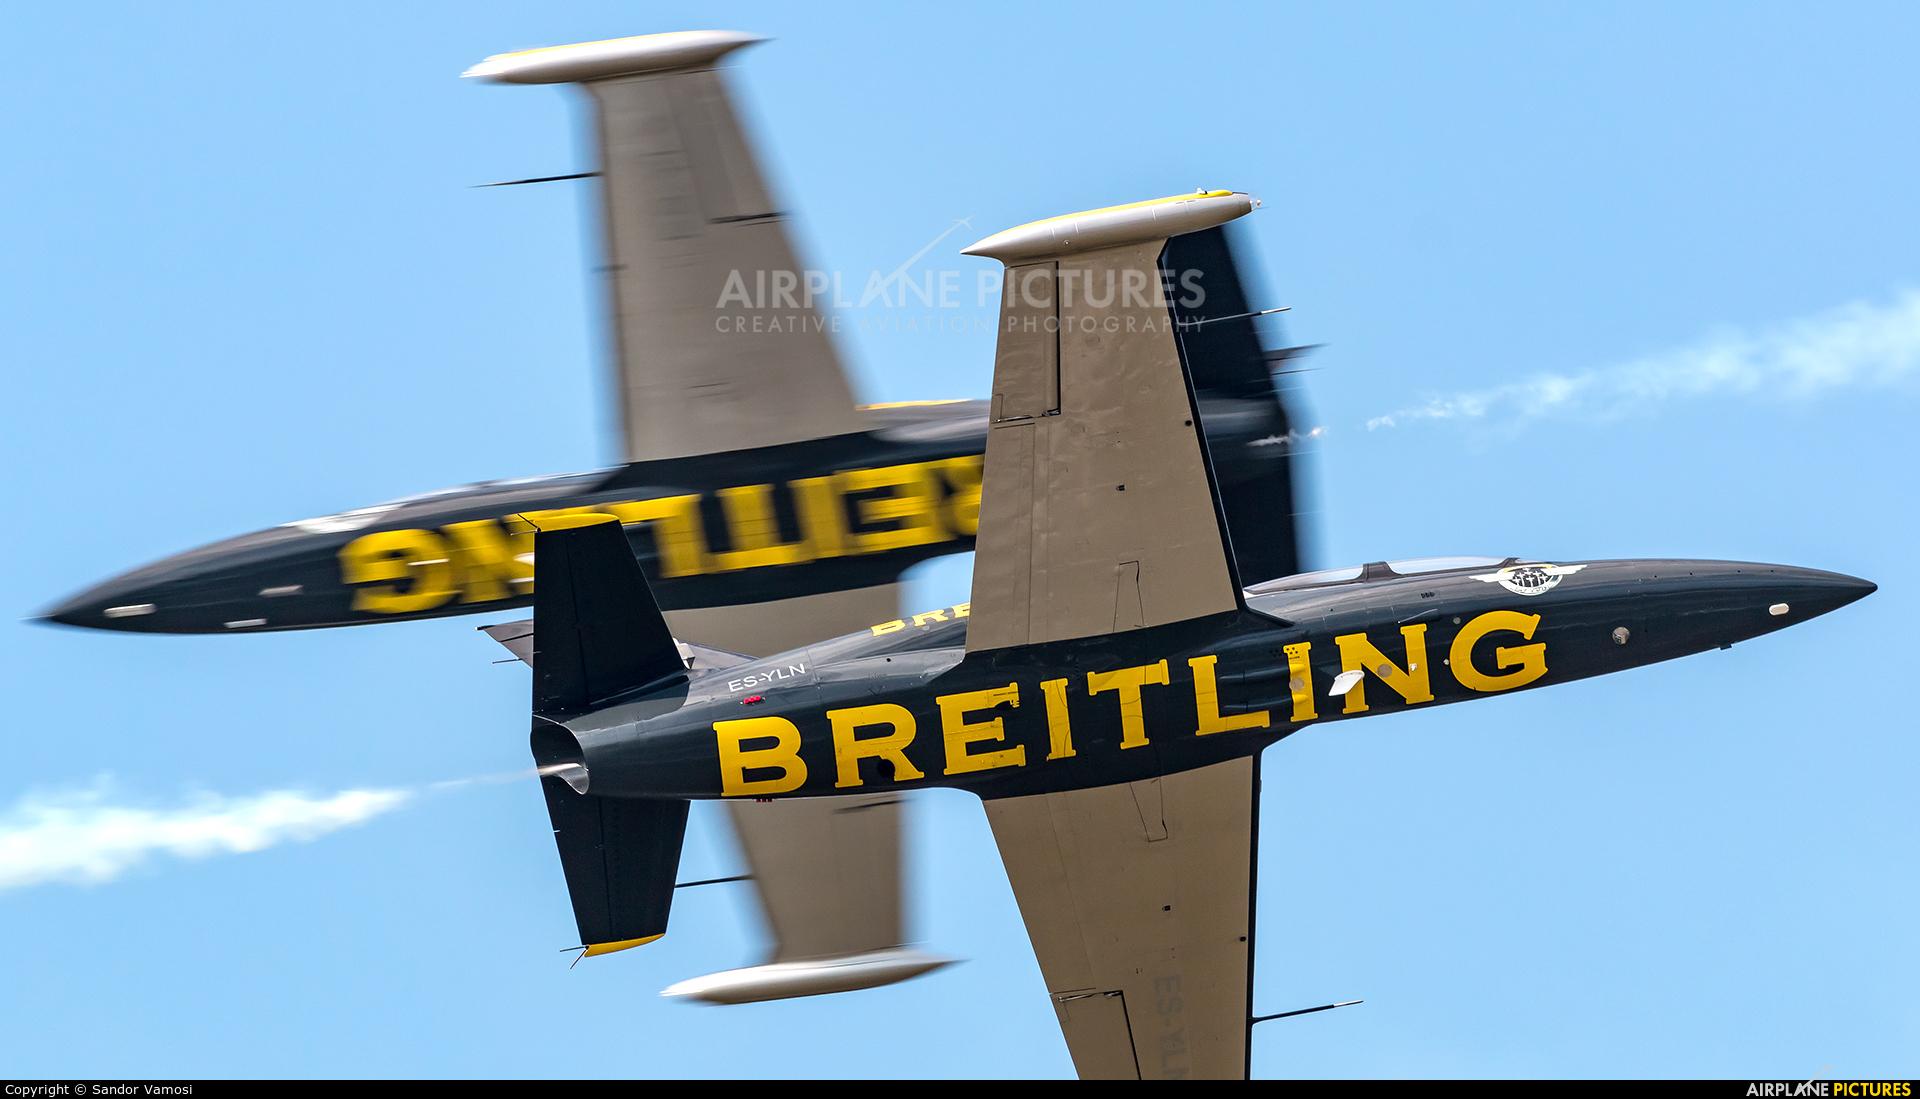 Breitling Jet Team ES-YLN aircraft at Kleine Brogel